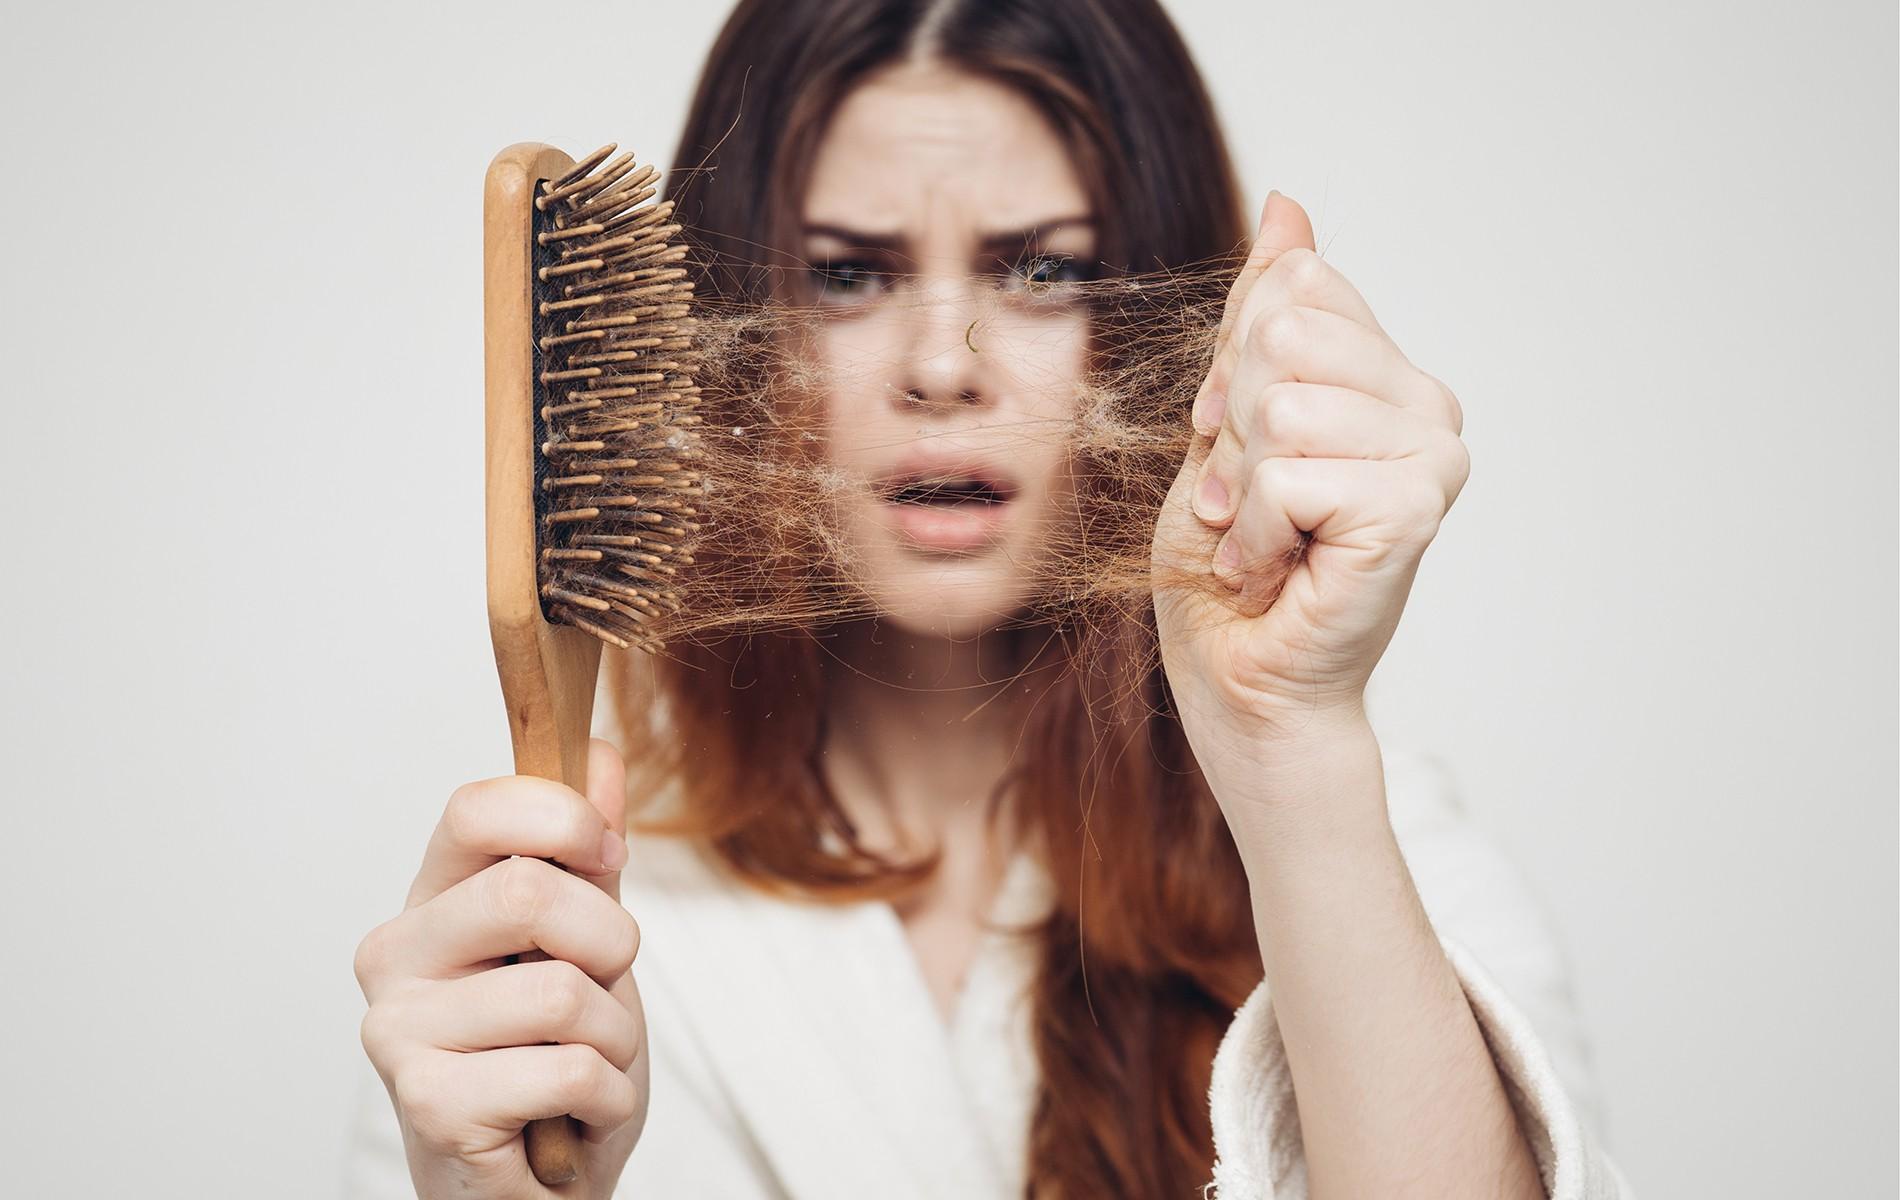 Mái tóc 'xuống sắc' cũng có thể ngầm cảnh báo những vấn đề sức khỏe mà đôi khi bạn không nhận ra - Ảnh 1